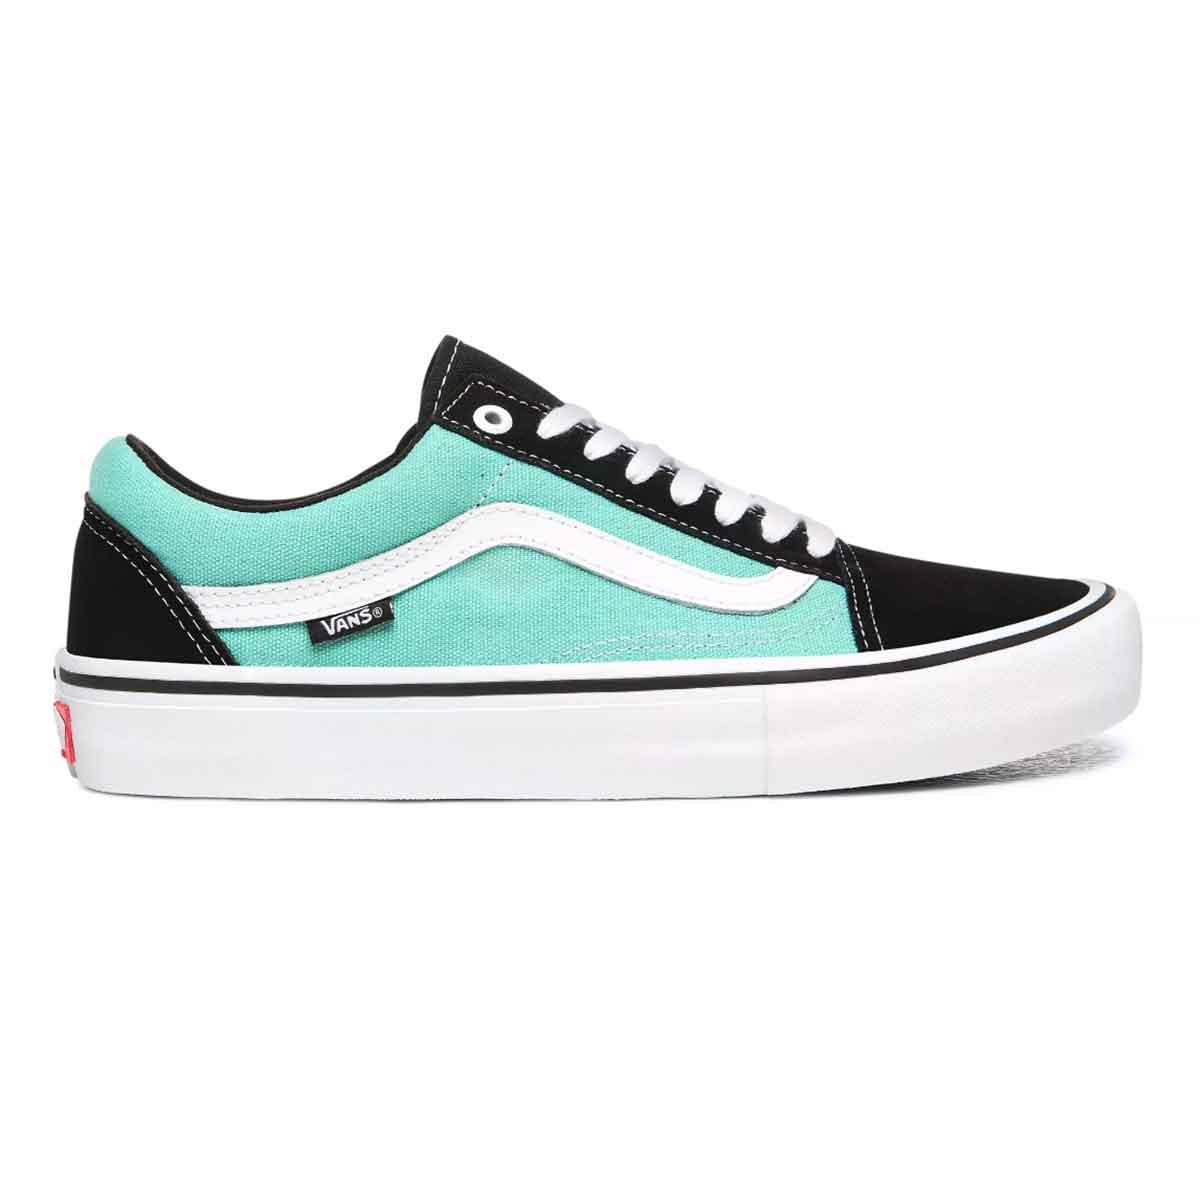 captura cuatro veces masilla  Vans Old Skool Pro Shoes - Black/Jade | SoCal Skateshop